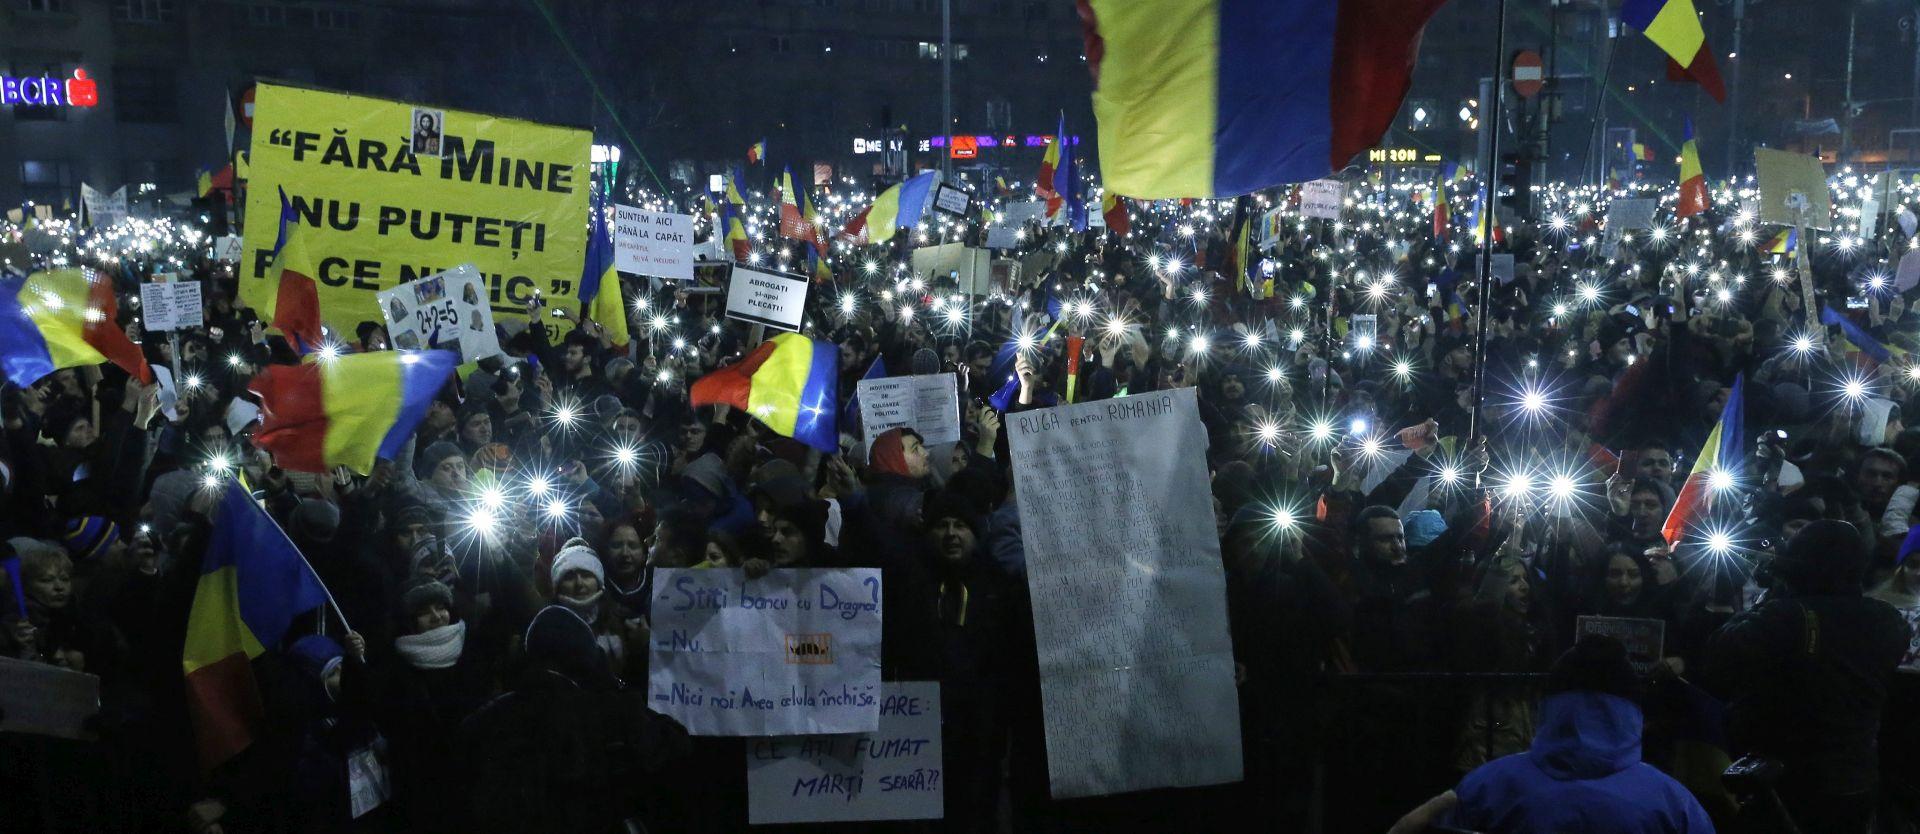 RUMUNJSKA  Pola milijuna ljudi na ulicama unatoč povlačenju sporne uredbe